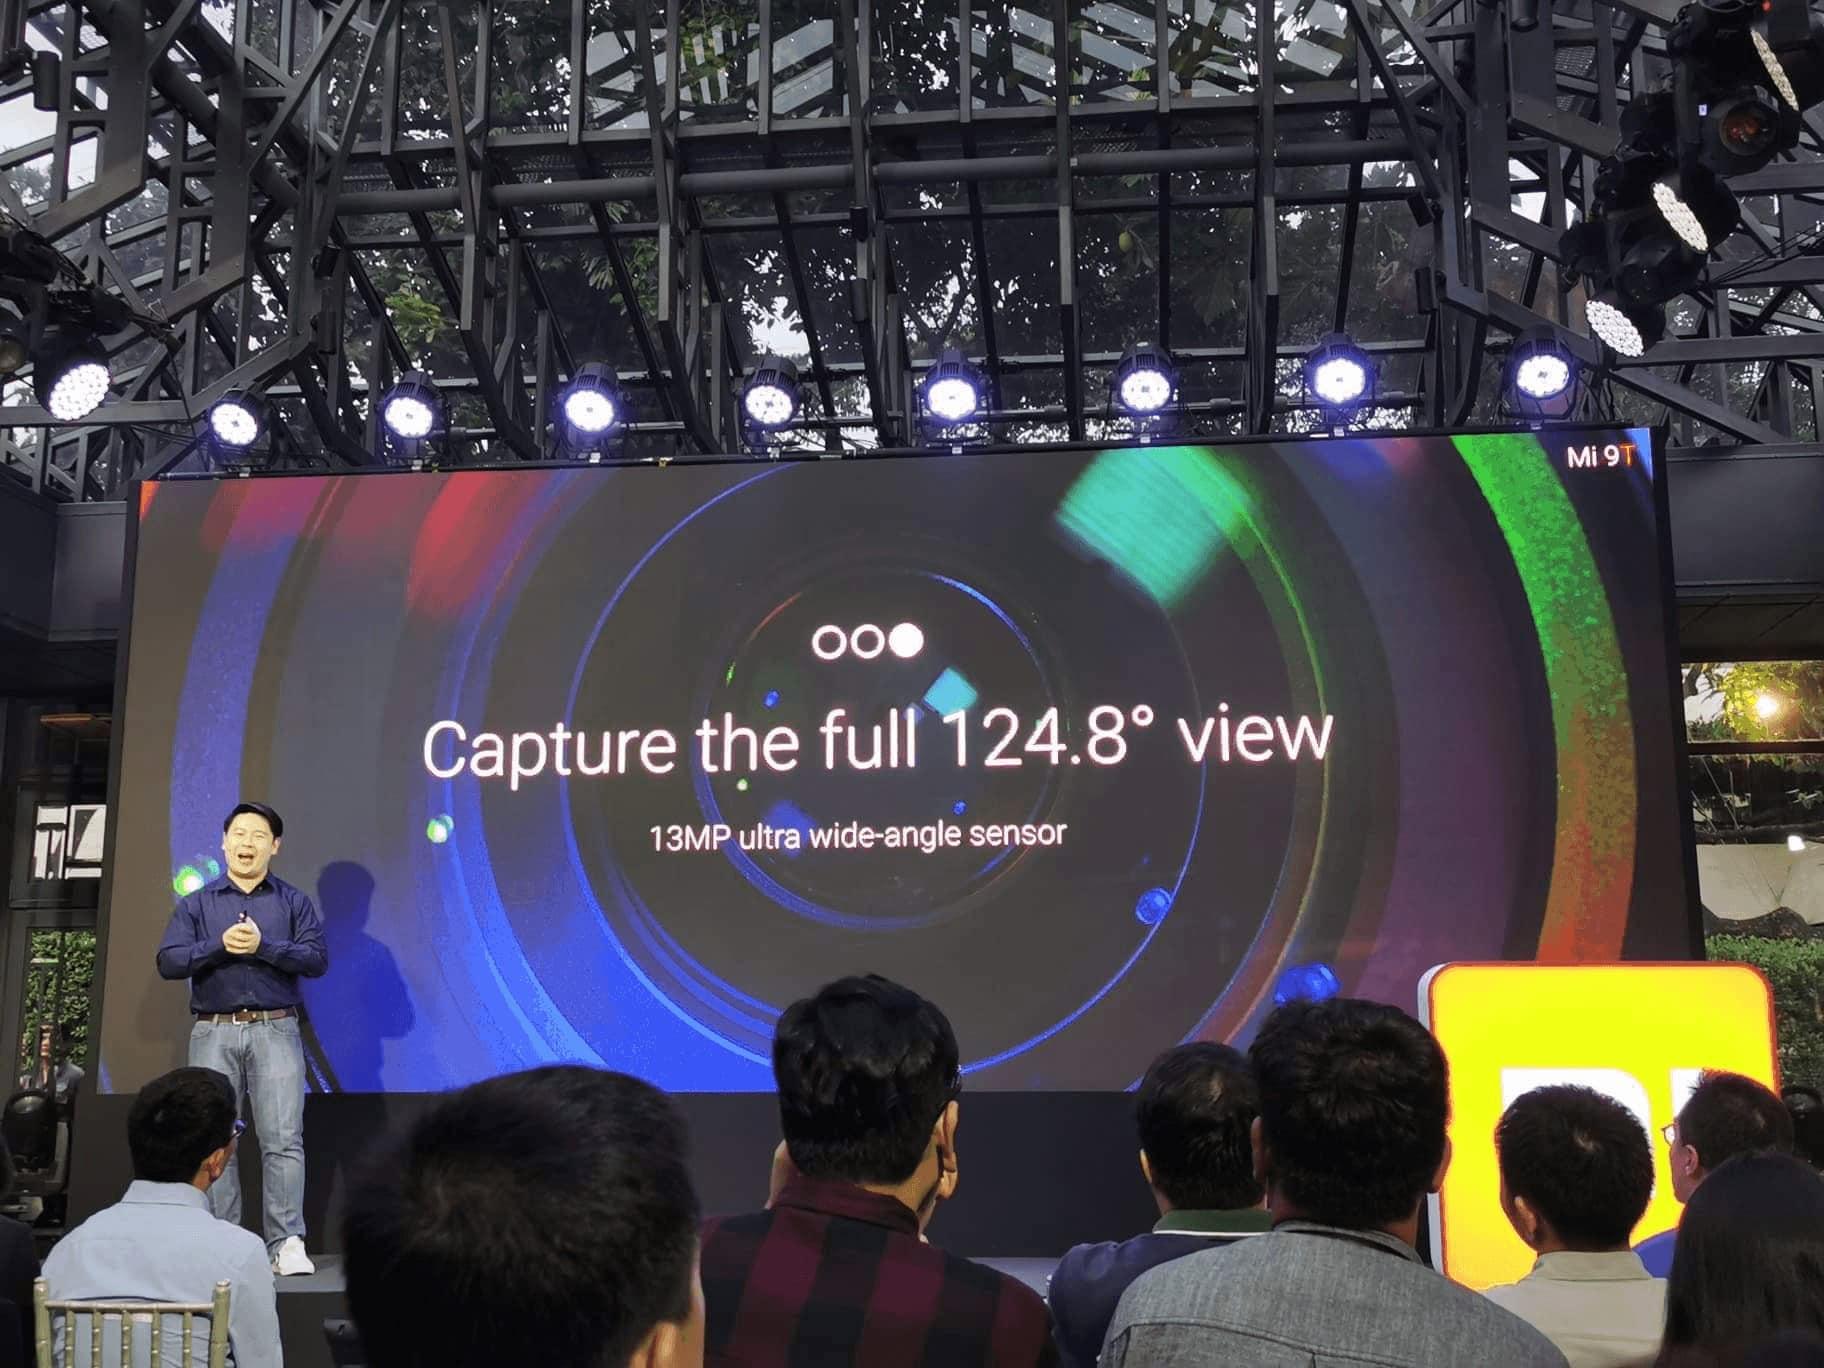 - มากันเป็นครอบครัว Xiaomi ไทยเปิดตัว Mi 9T มือถือกล้องหน้า Pop-up กล้องหลัง 3 ตัว พร้อมหูฟังไร้สาย Mi True Wireless Earphones และ Mi Box S